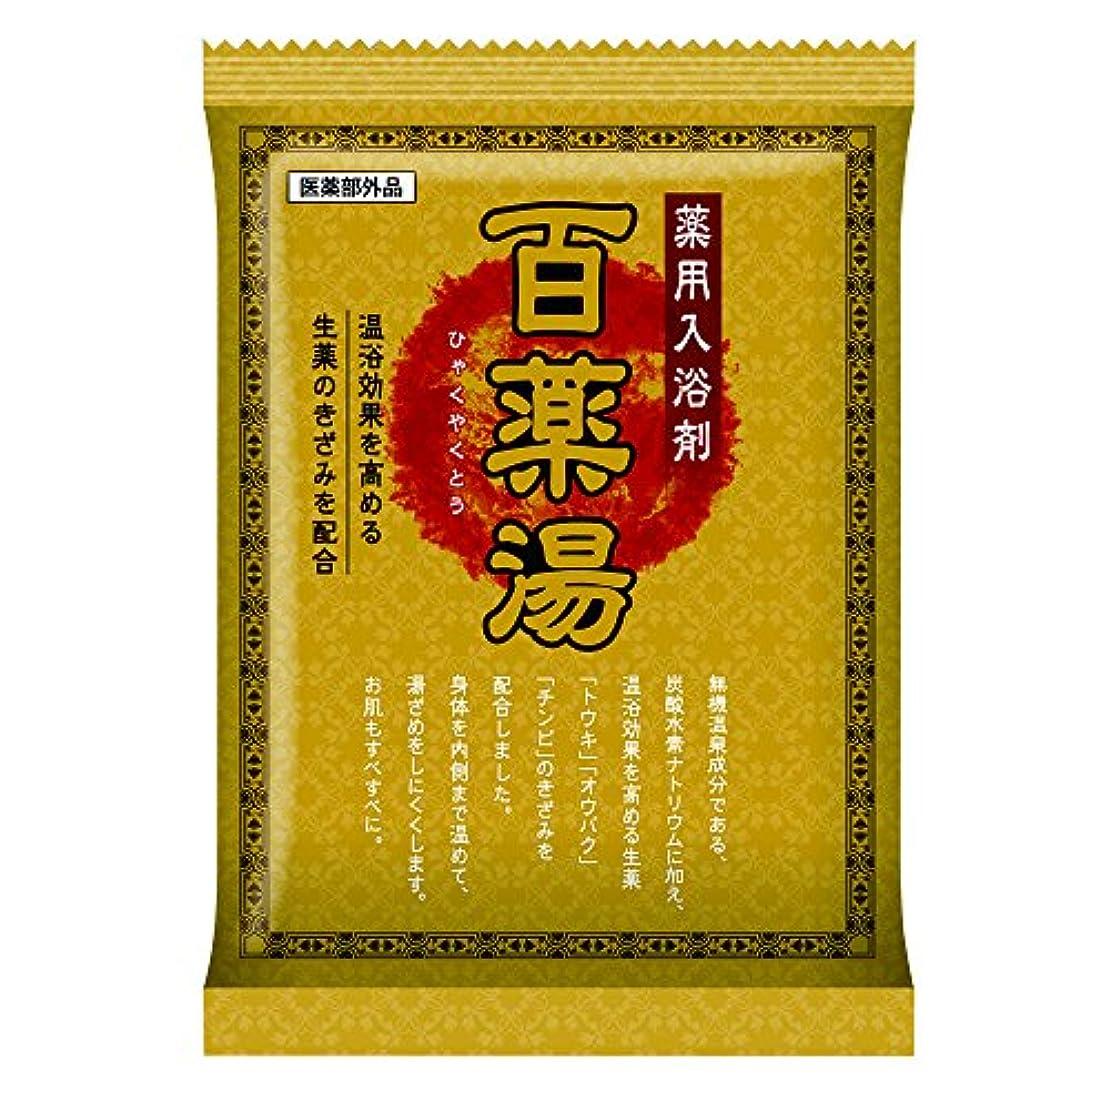 進化適度な湿度百薬湯 薬用入浴剤 生薬配合 30g×1包 (医薬部外品)